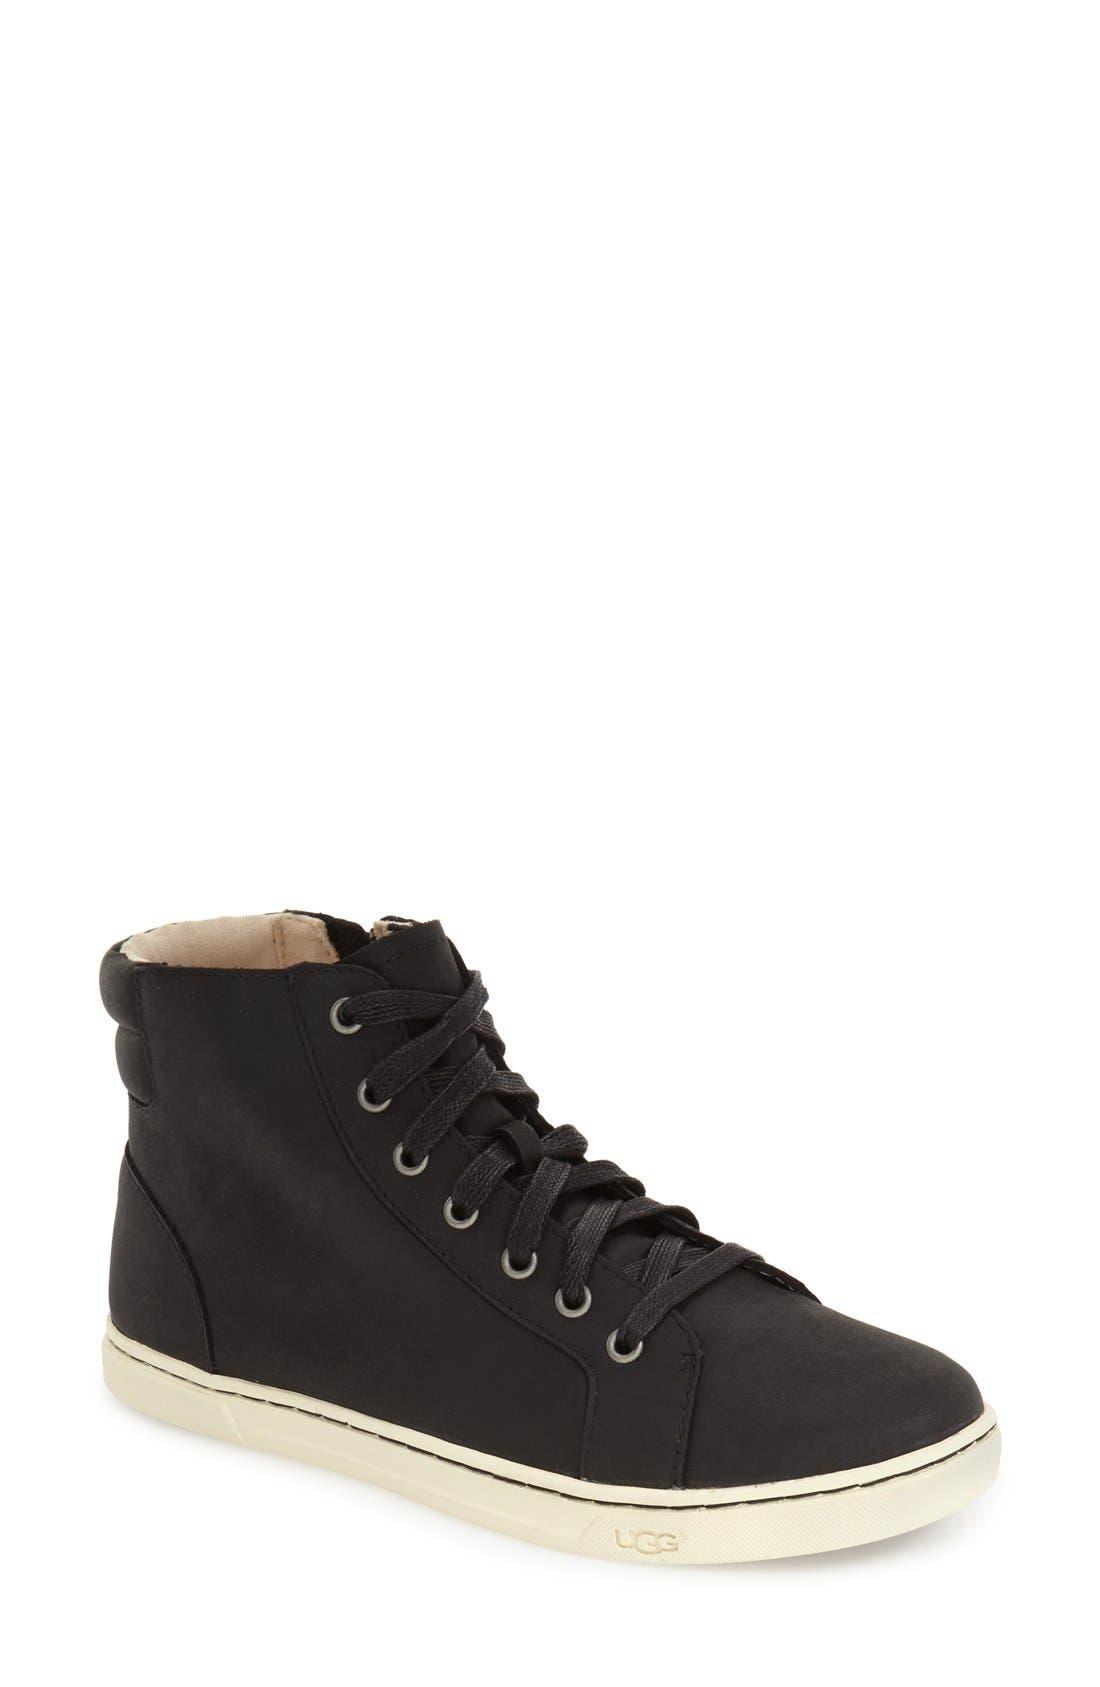 Alternate Image 1 Selected - UGG® 'Gradie' High Top Sneaker (Women)